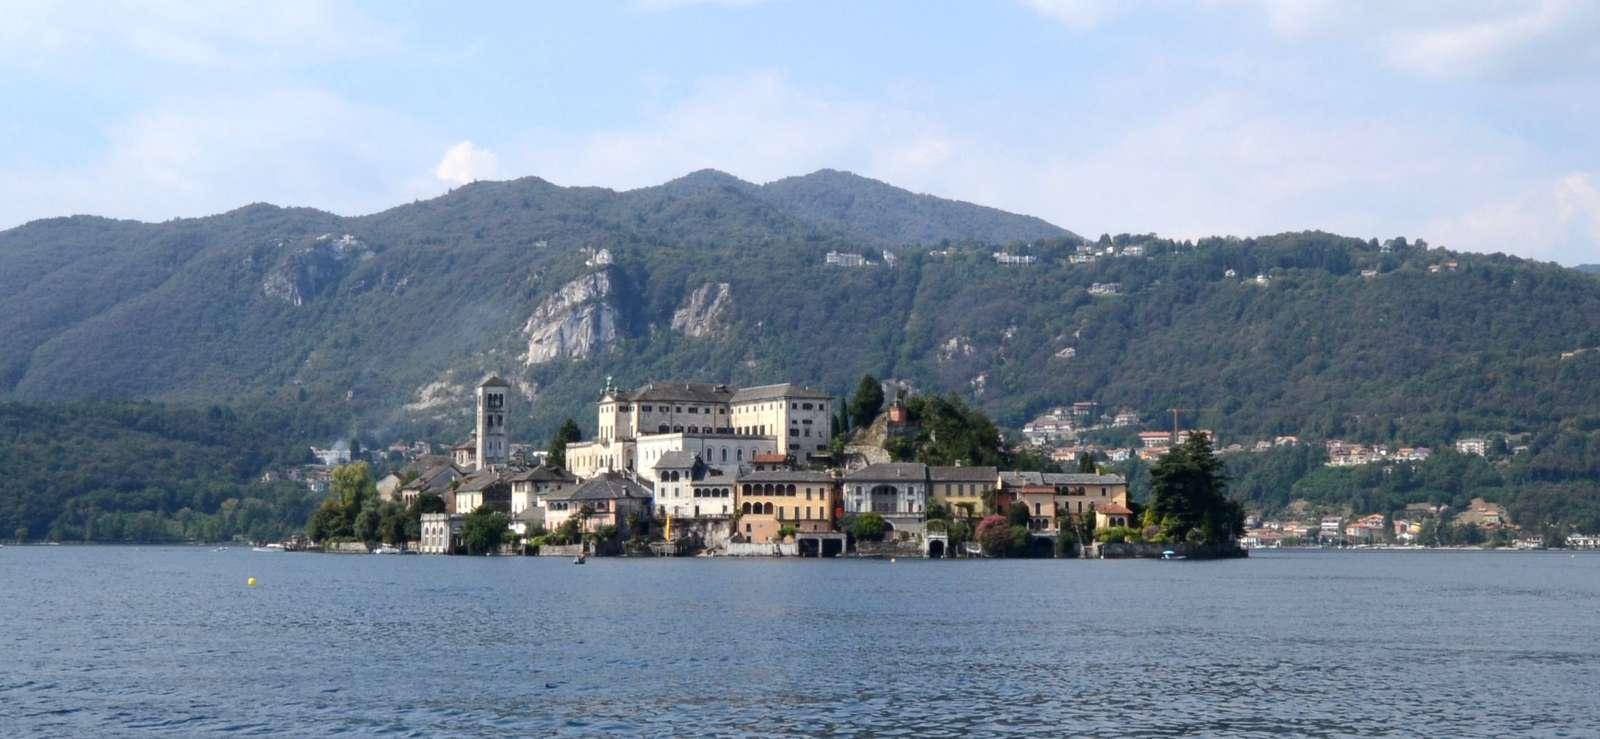 Isola San Giulio vu de la ville Orta San Giulio